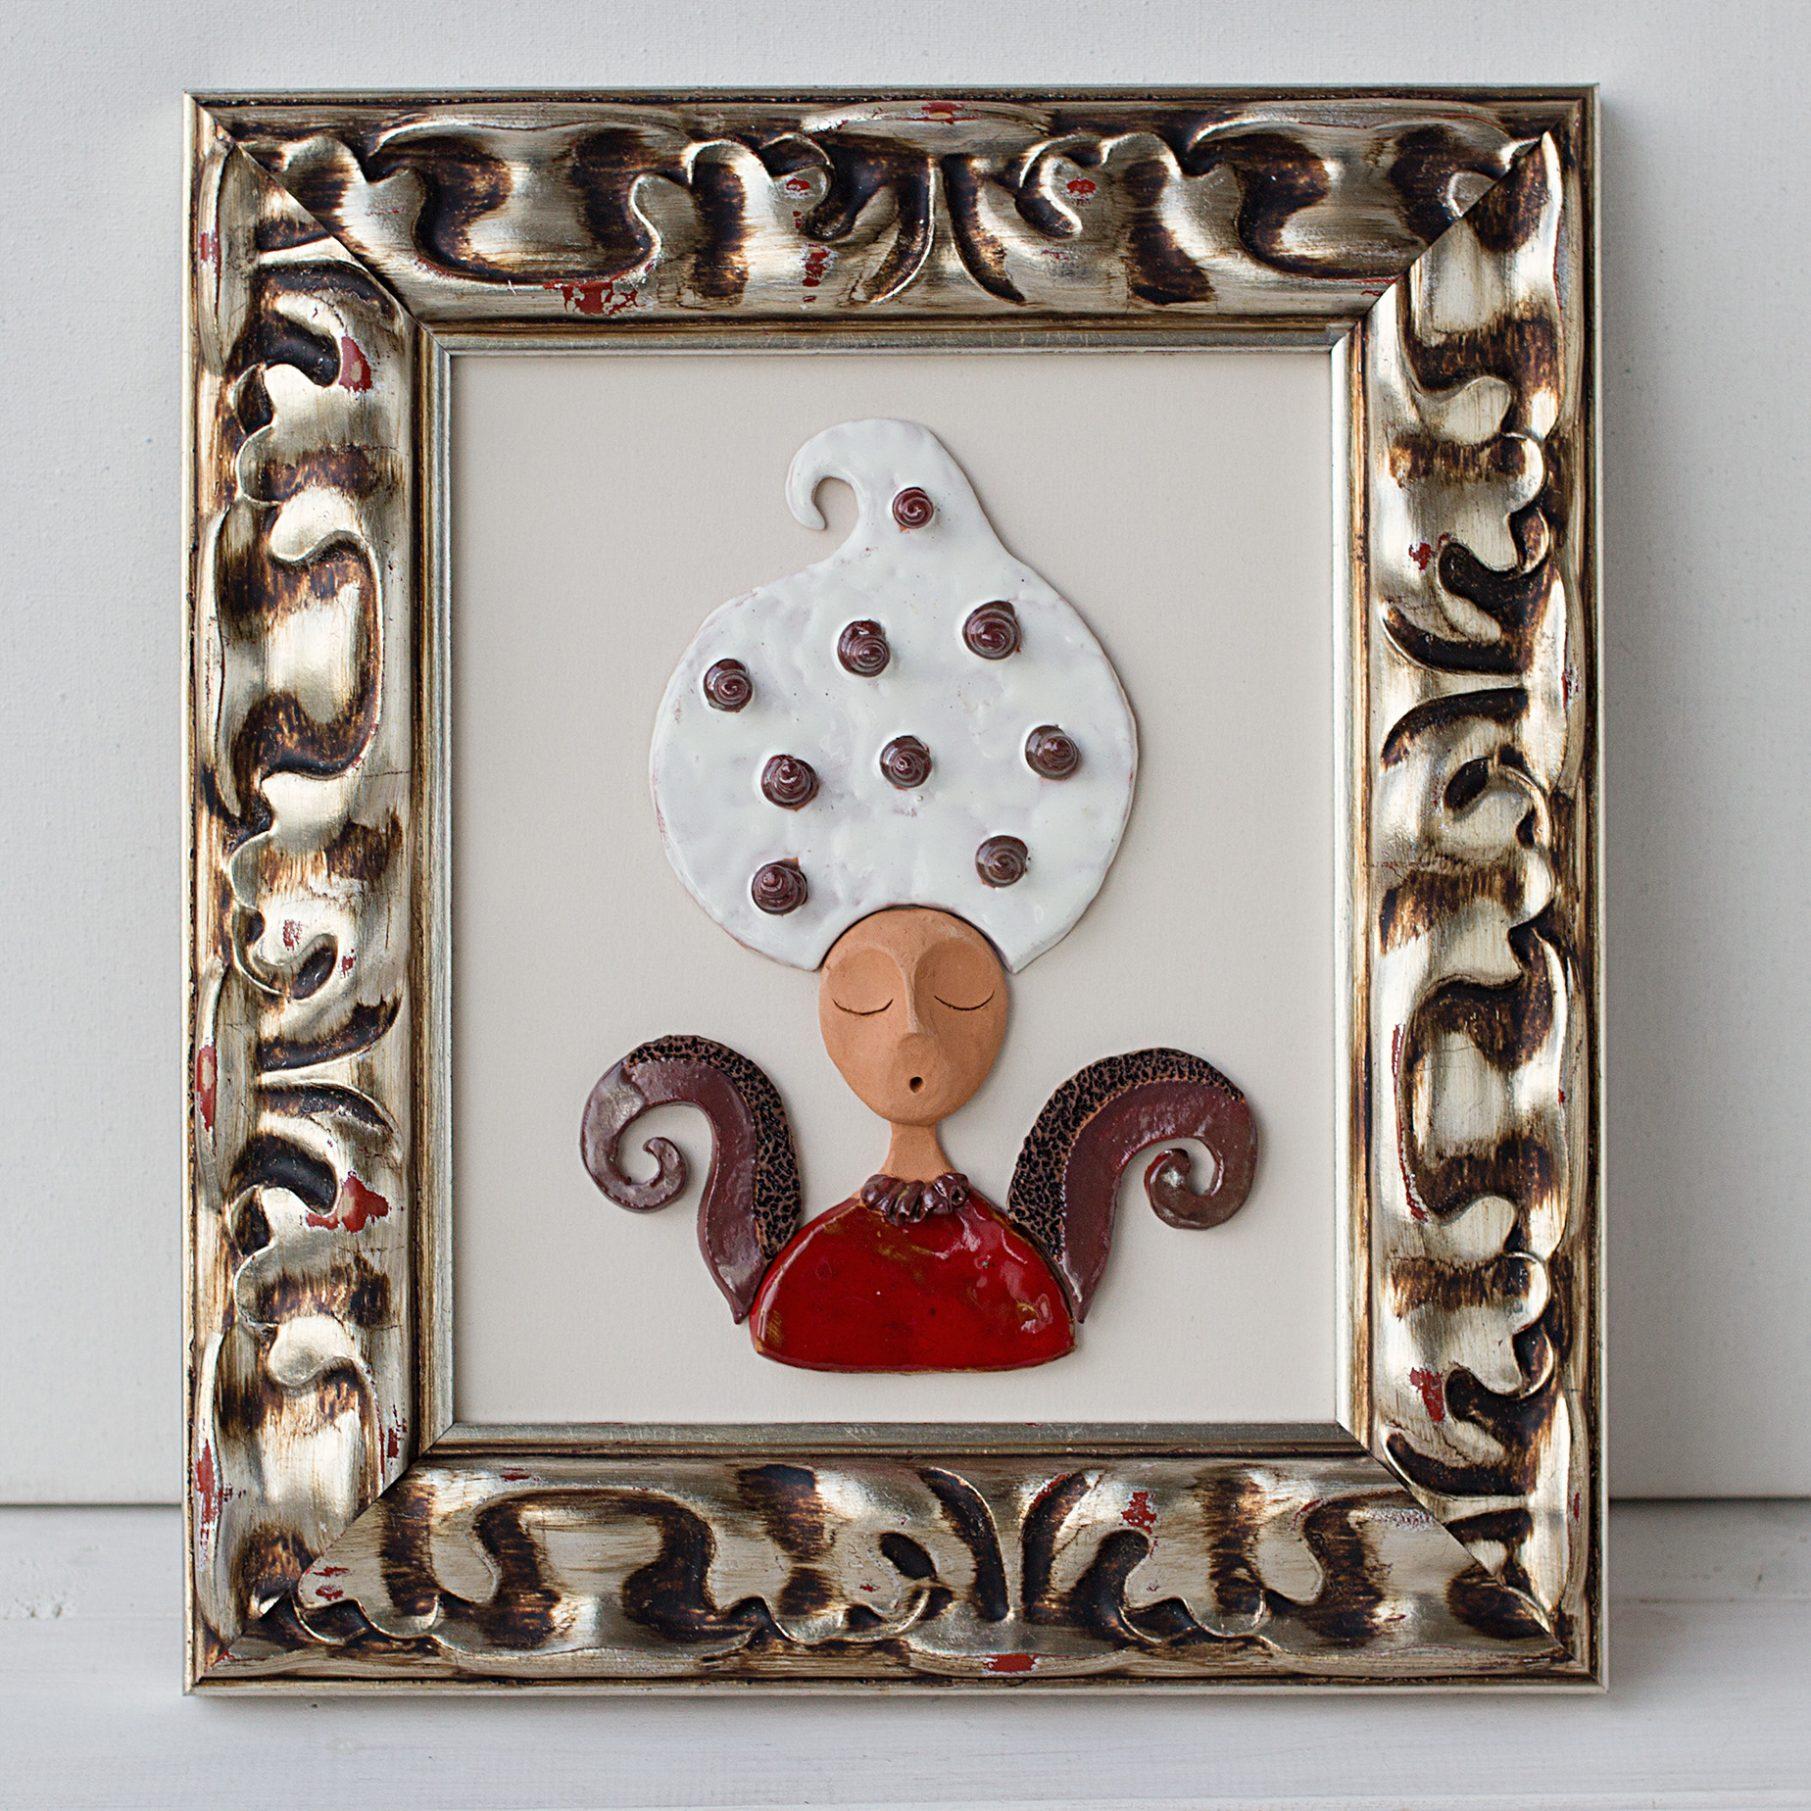 Keramikinis paveikslas su mūza, keramika, keramikinis reljefas